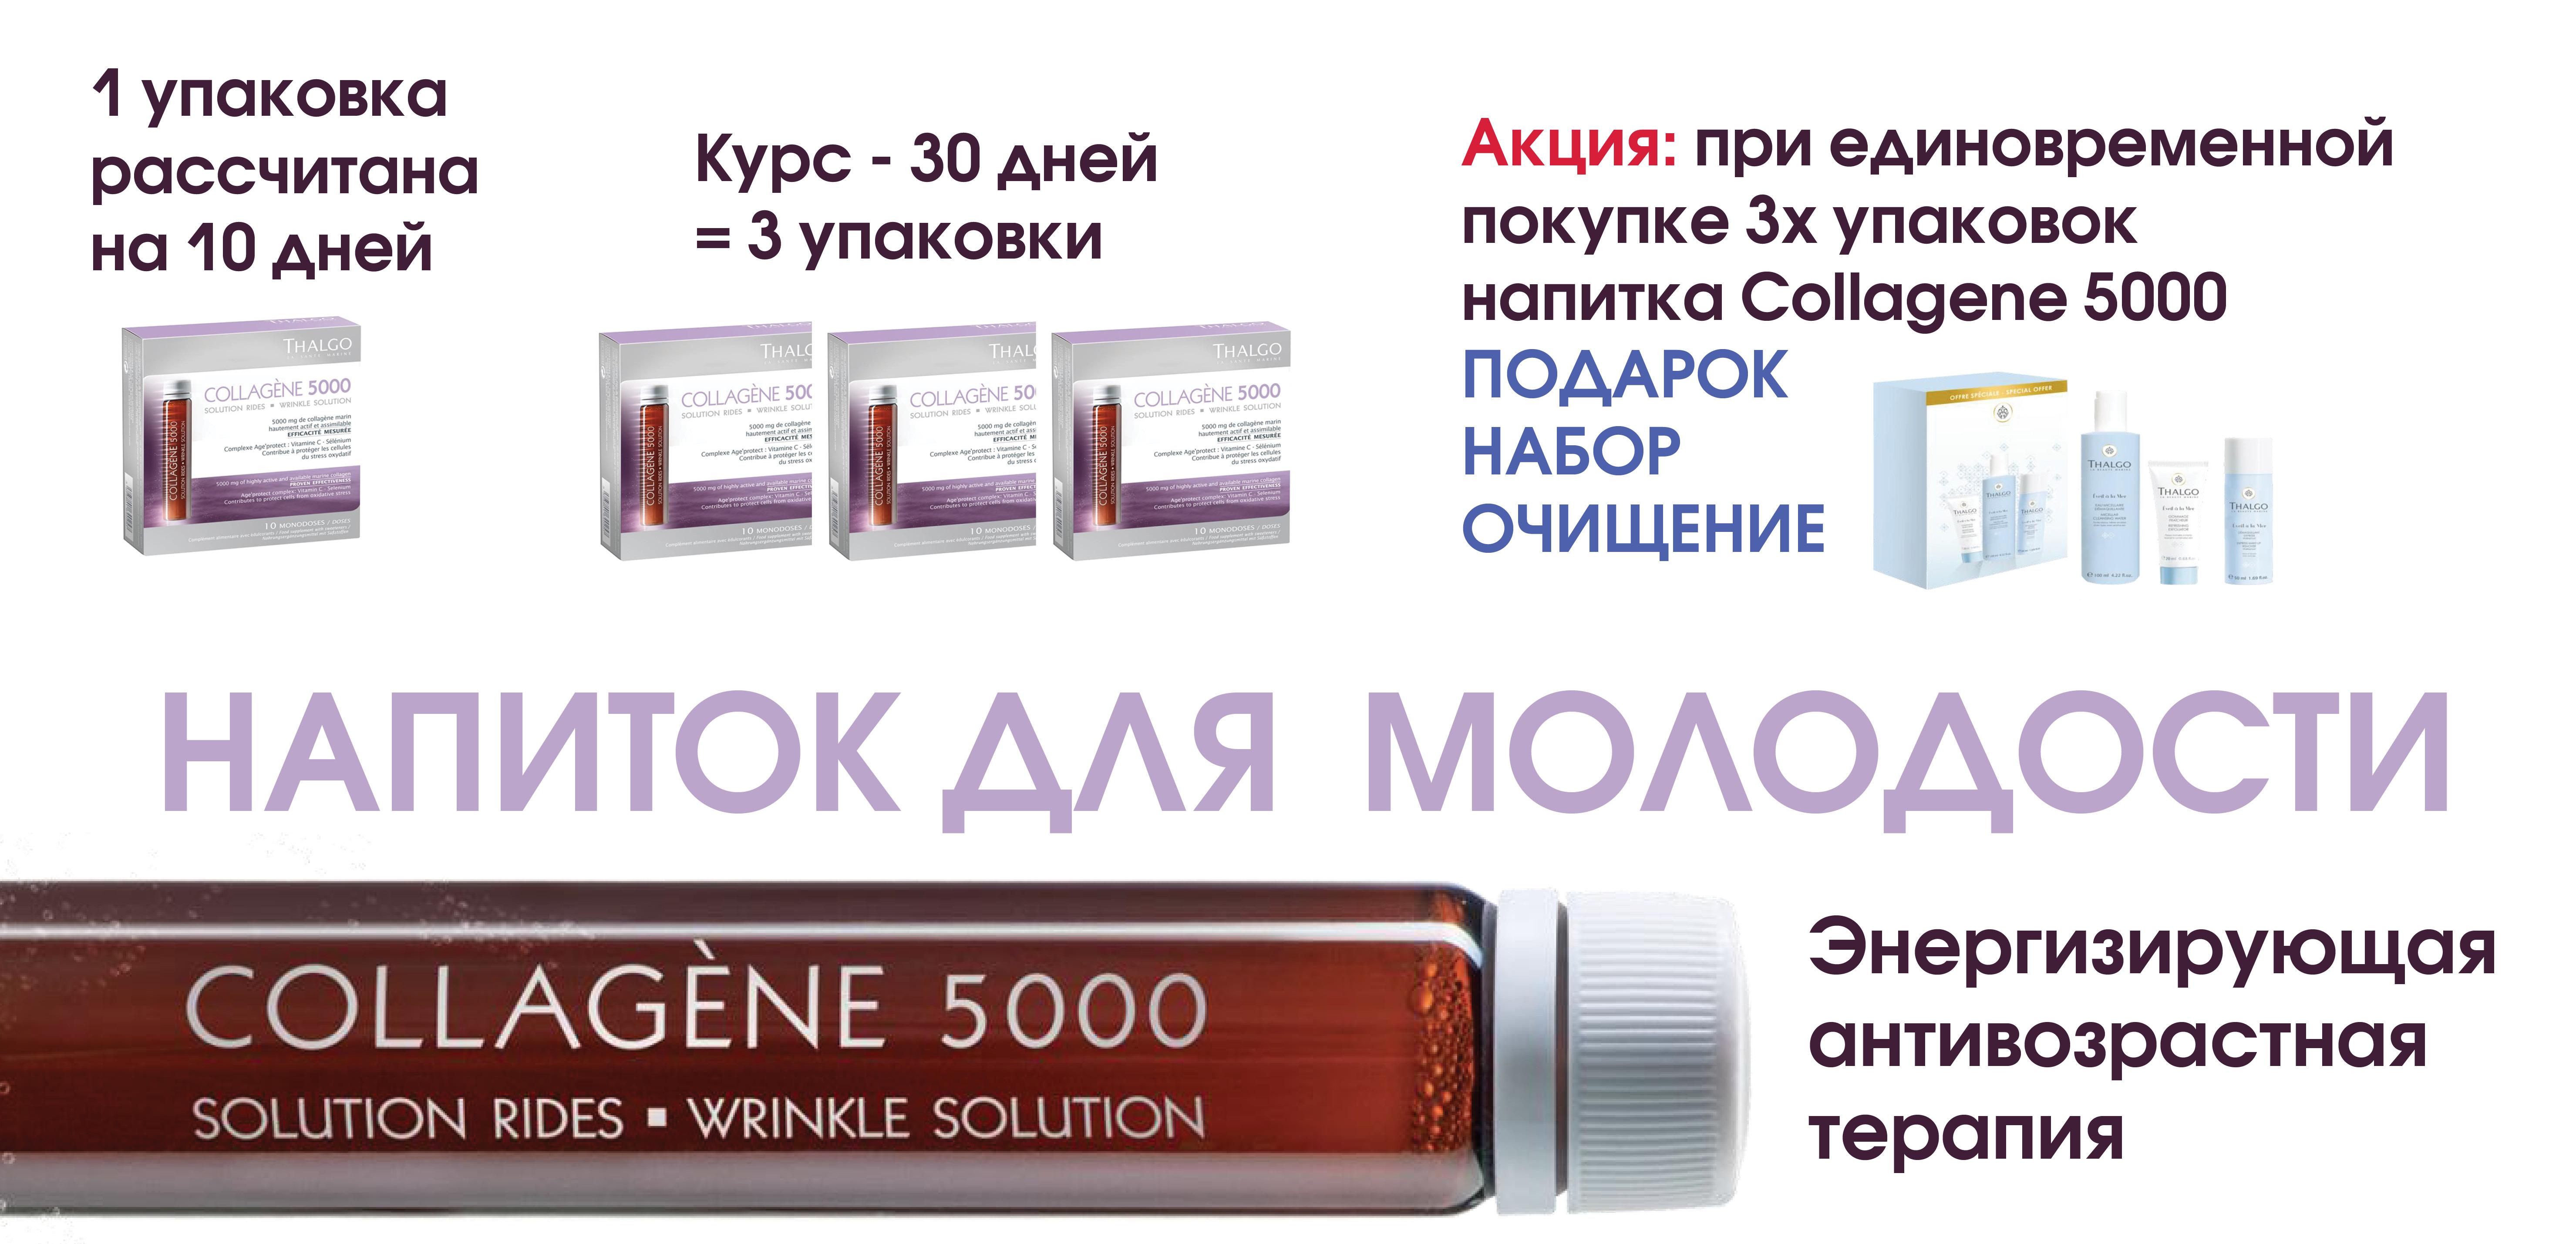 коллаген_5000.jpg